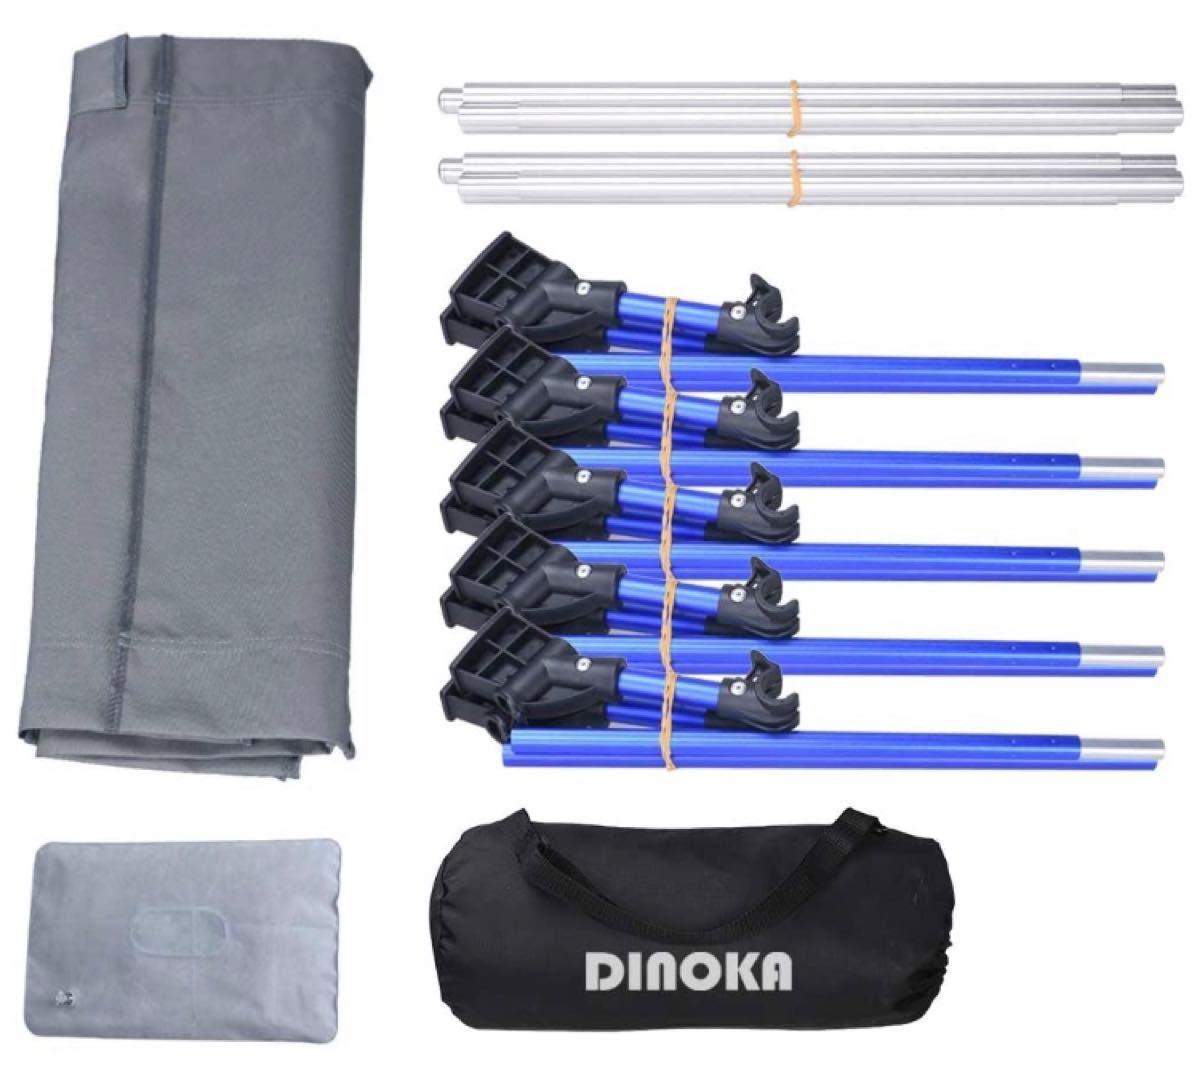 アウトドアベッド キャンプコット DINOKA 折り畳み式 キャンピングベッド 耐荷重180KG 200×70×17 グレー